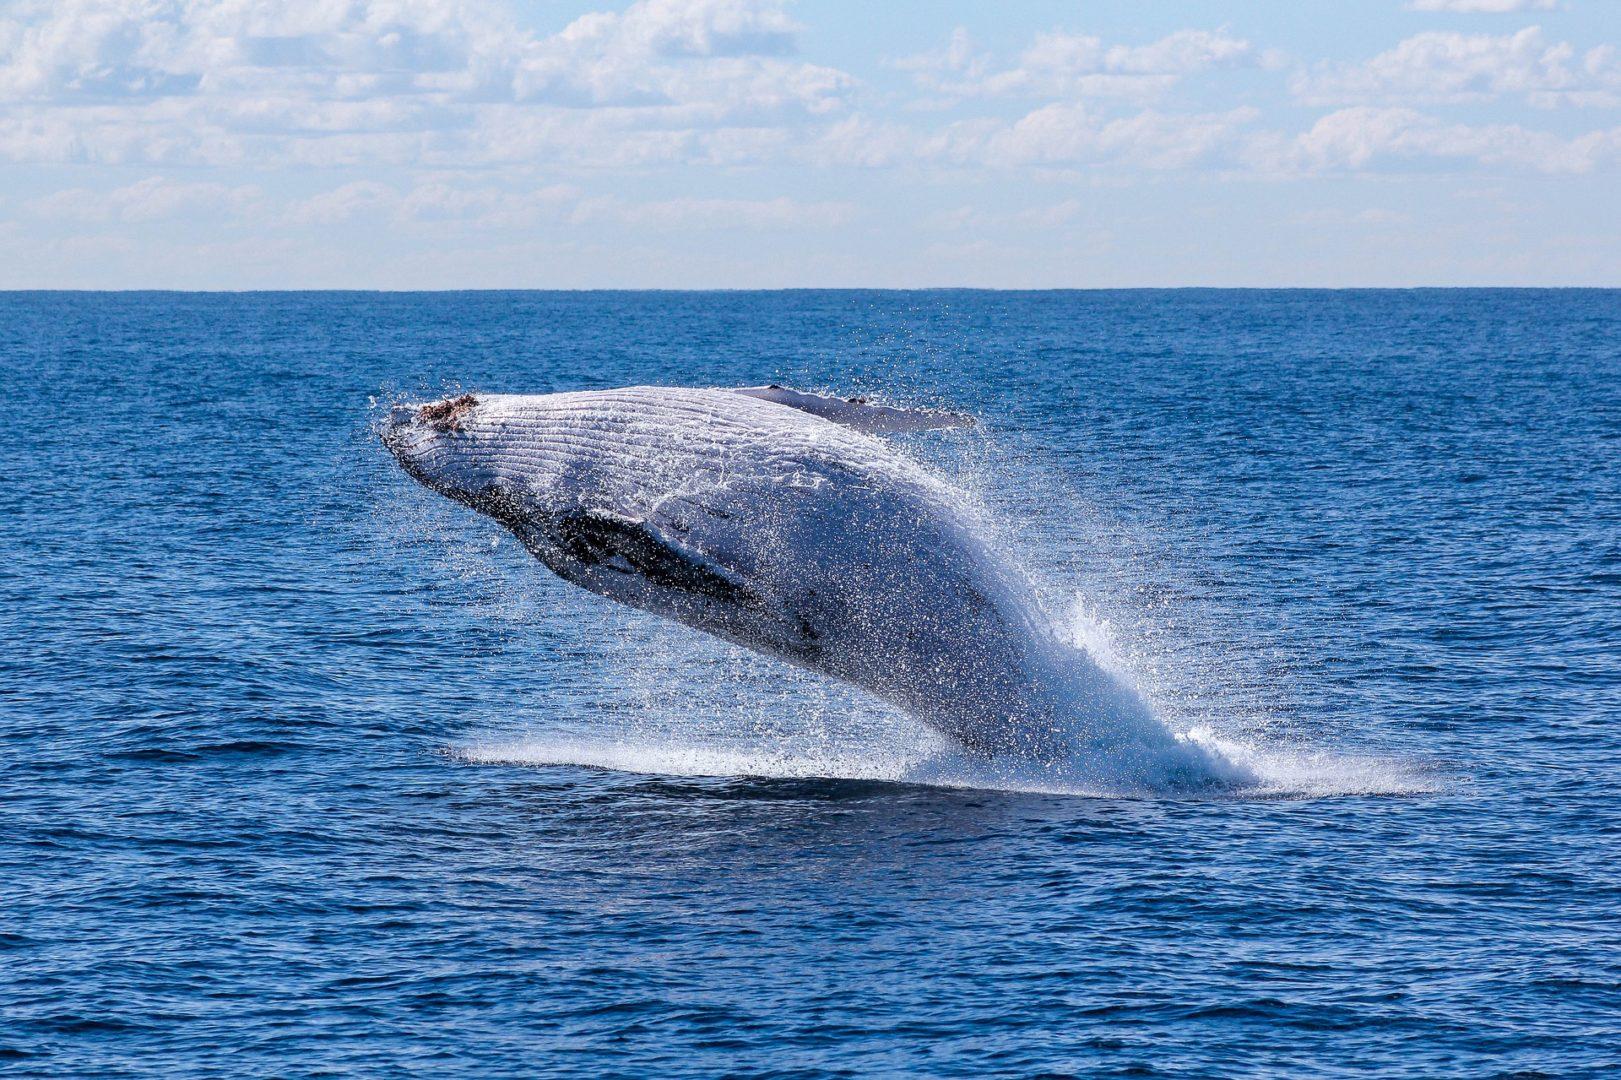 Observer des baleines lors d'un voyage aux Açores